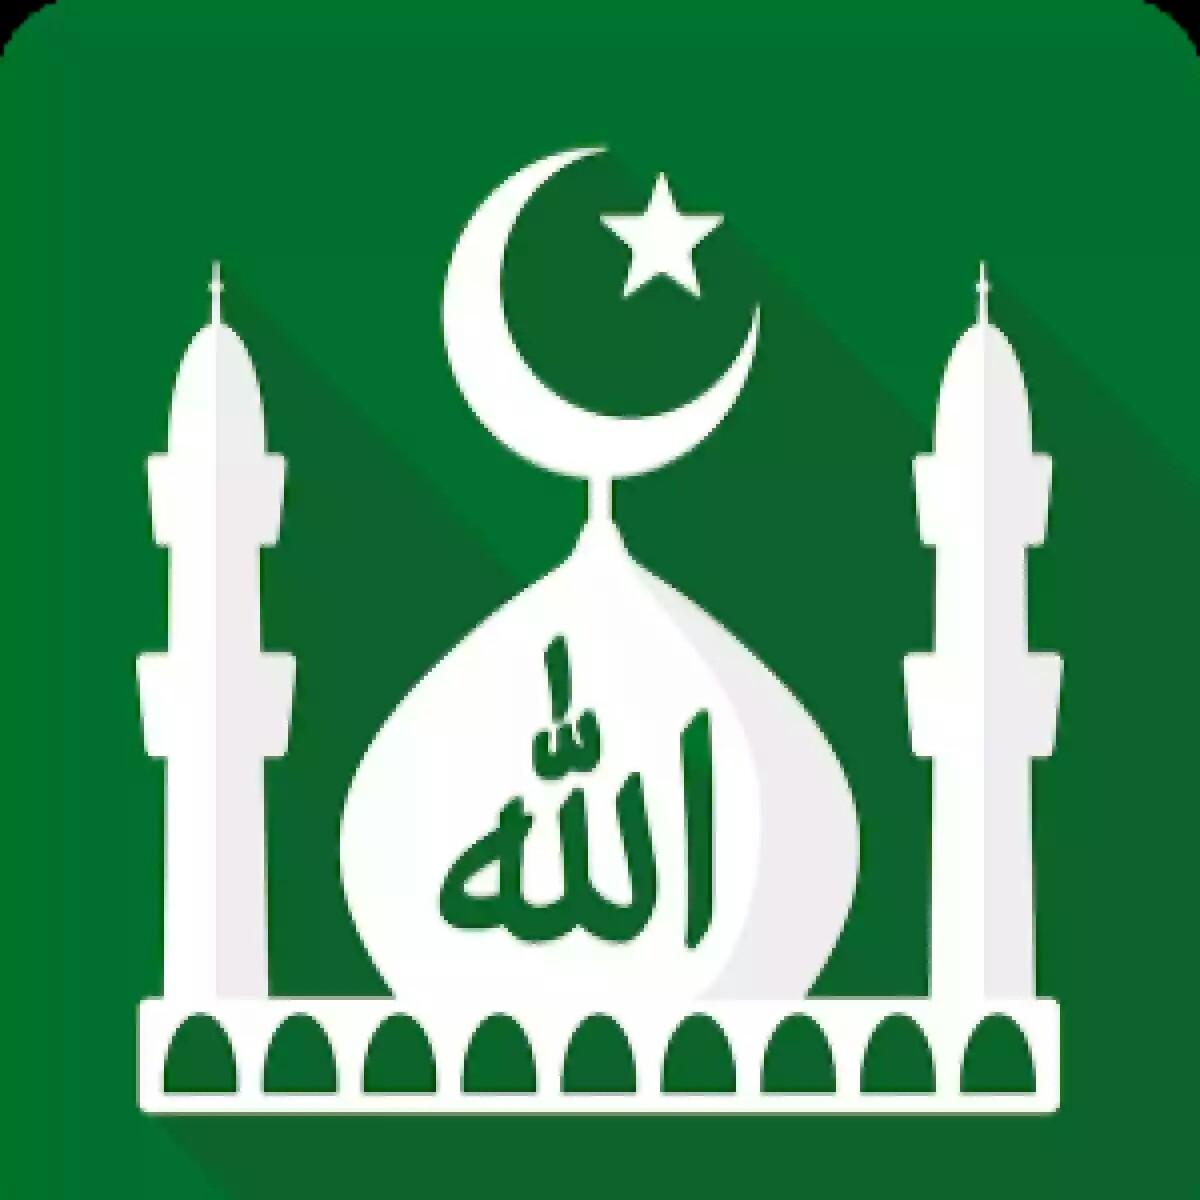 সকল মুসলিম ভাইদের জন্য গুরুত্বপূর্ণ একটি অ্যাপস সবাইকে দেখার অনুরোধ রইলো All In One Muslim App